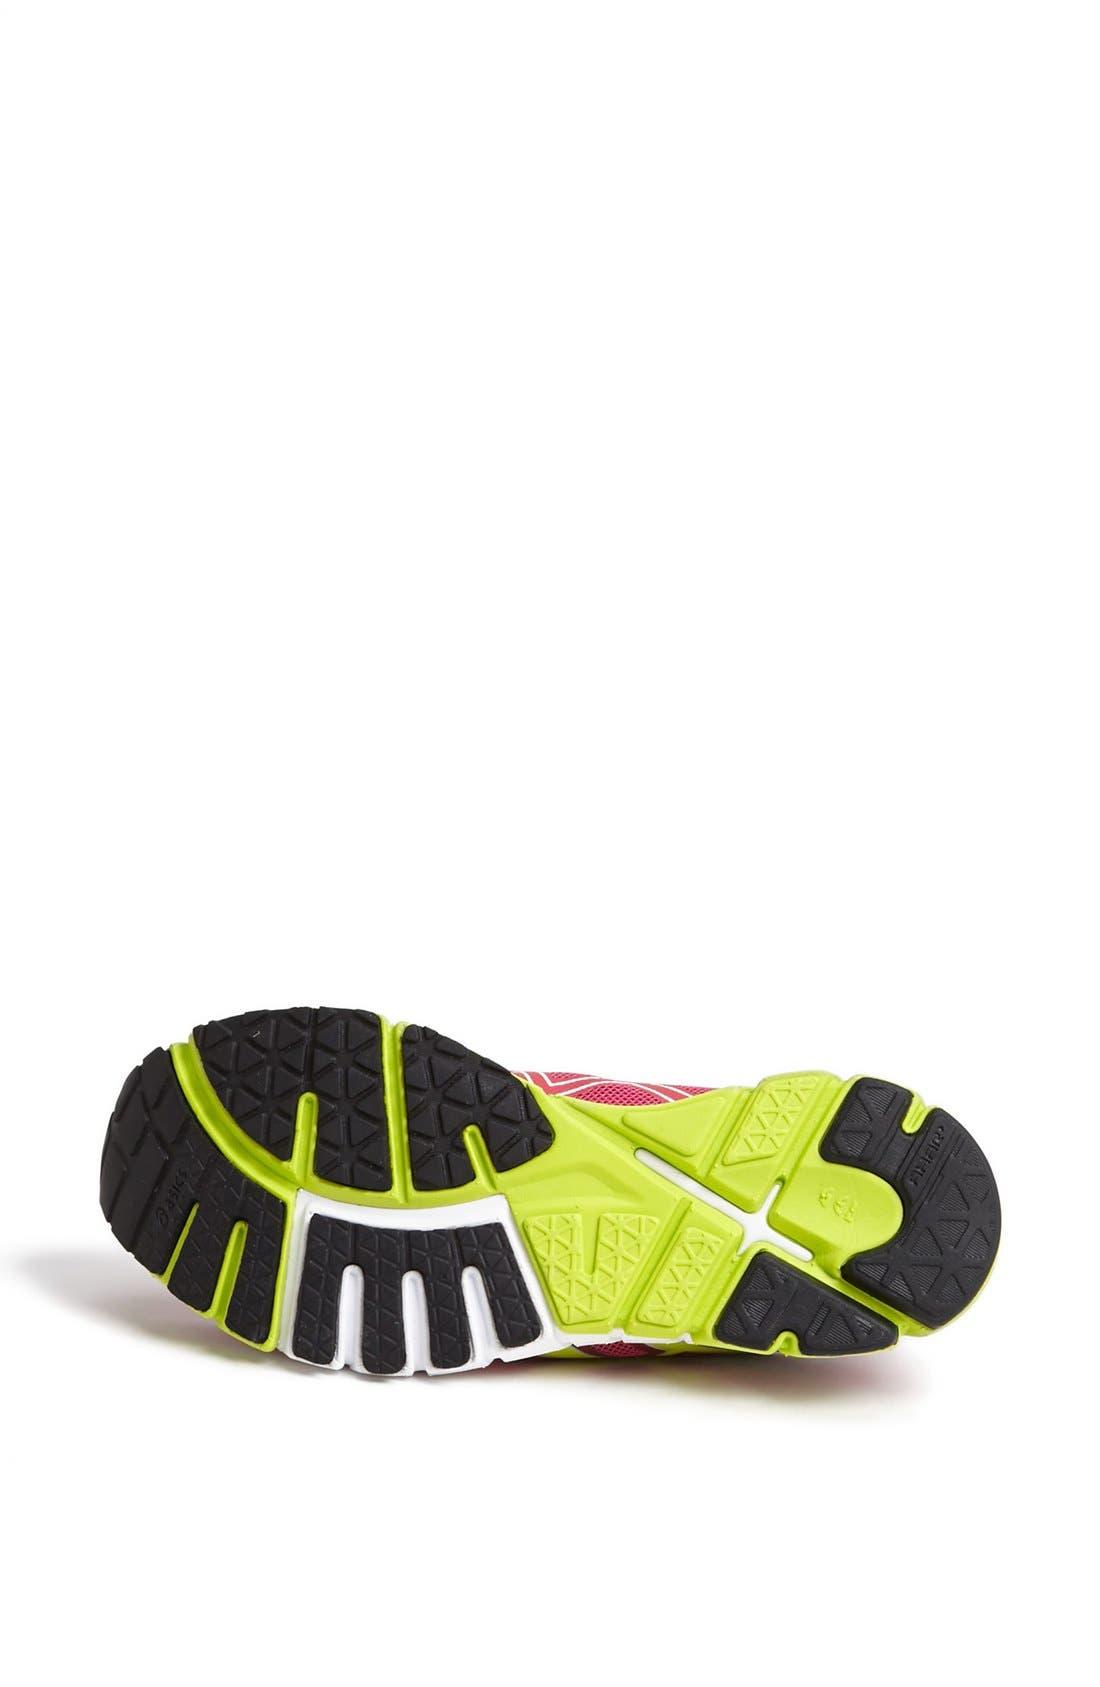 Alternate Image 4  - ASICS® 'GEL-LYTE33™ 2' Running Shoe (Women)(Regular Retail Price: $84.95)